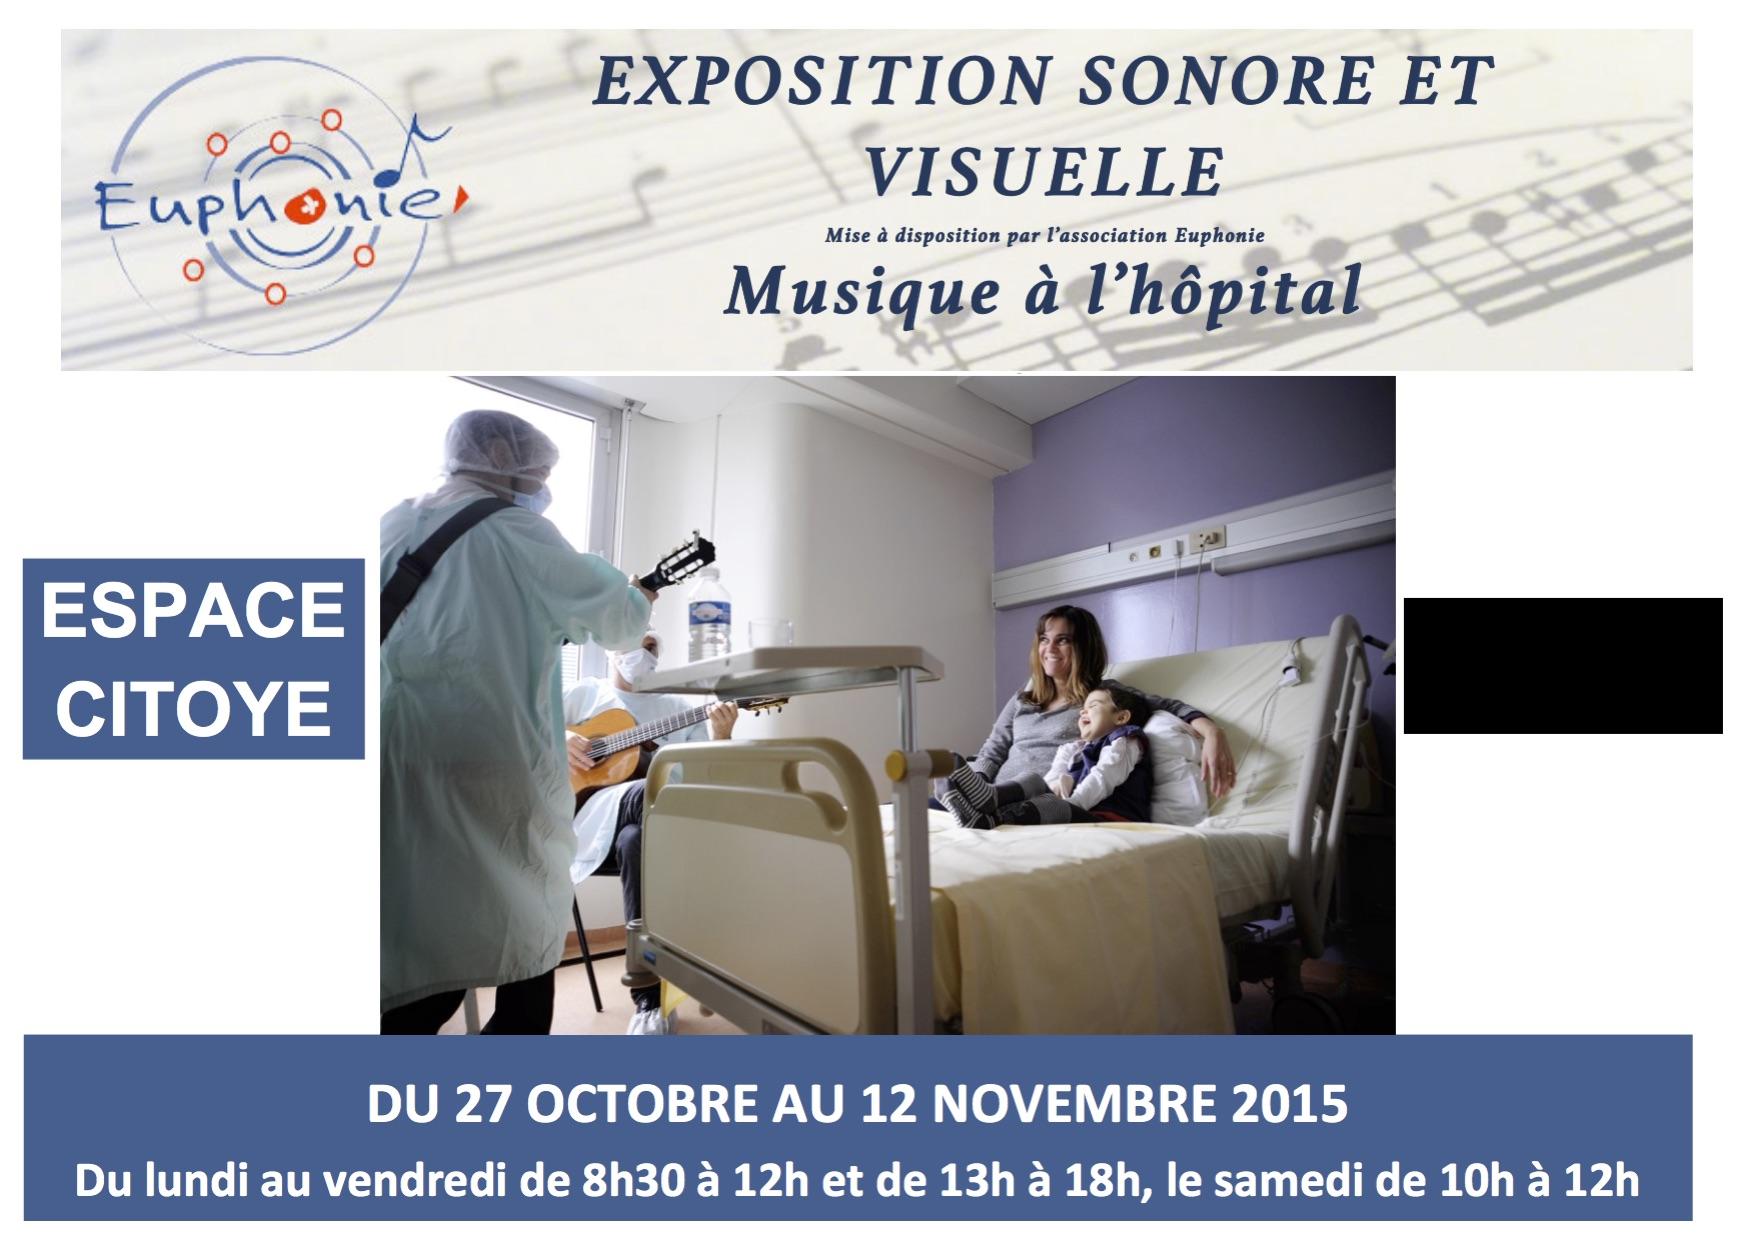 Exposition sonore et visuelle à l'Espace Citoyen de Cesson-Sévigné